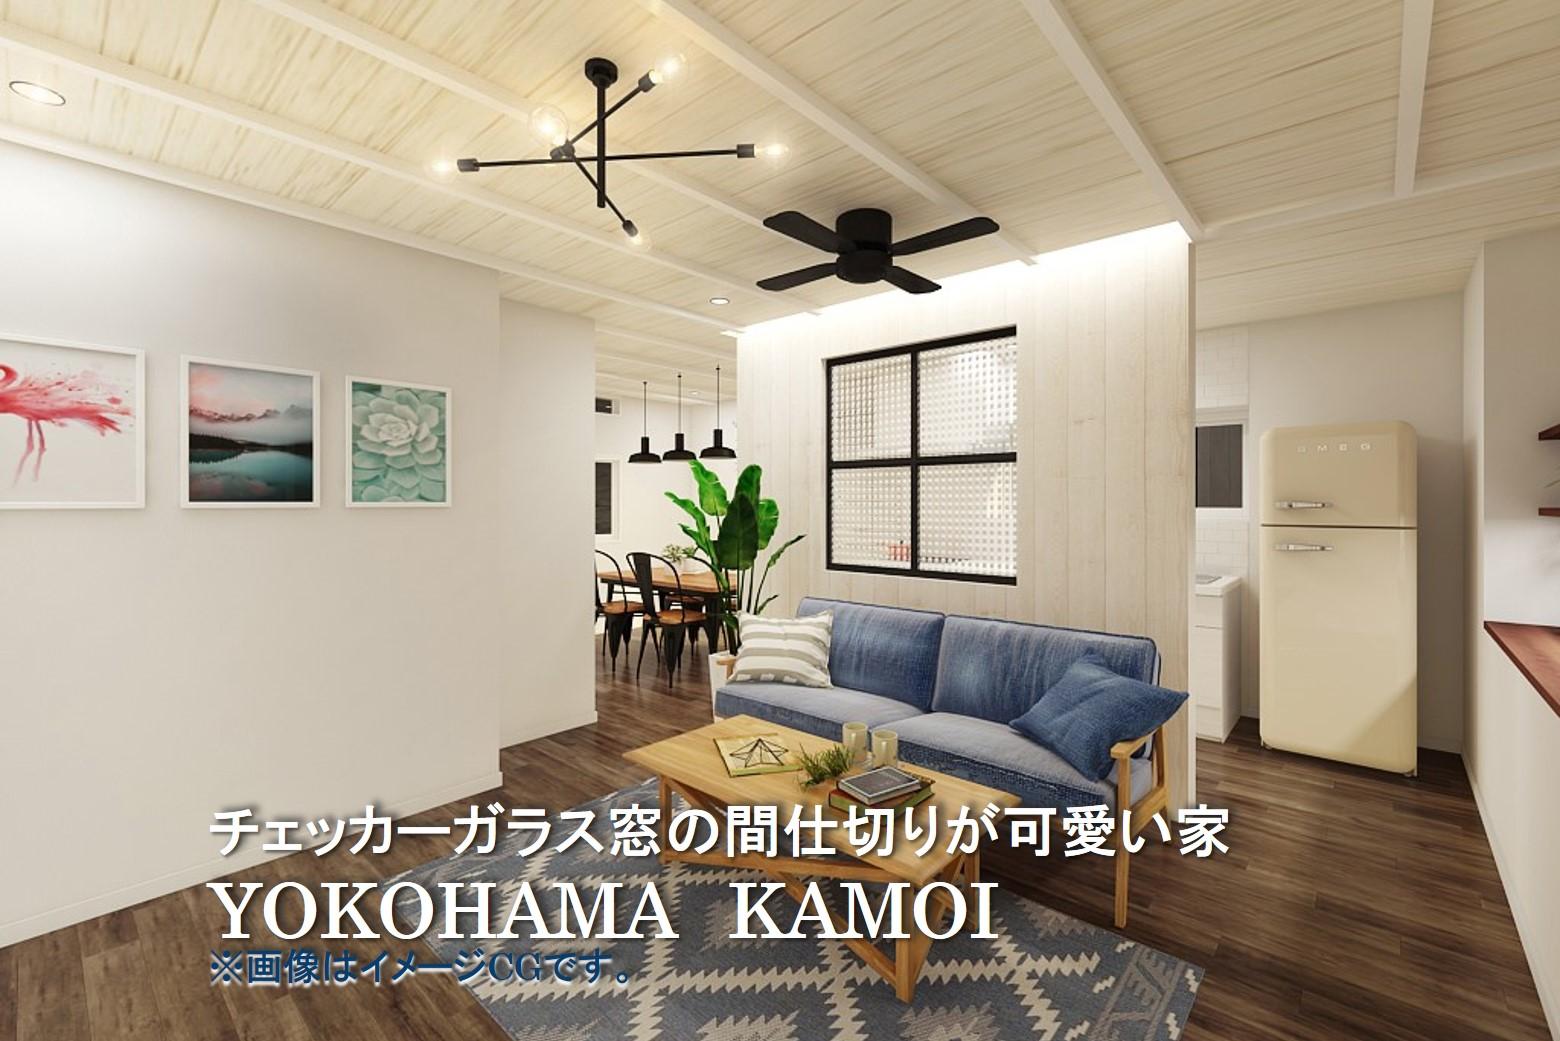 チェッカーガラス窓の間仕切りが可愛い家 YOKOHAMA KAMOI